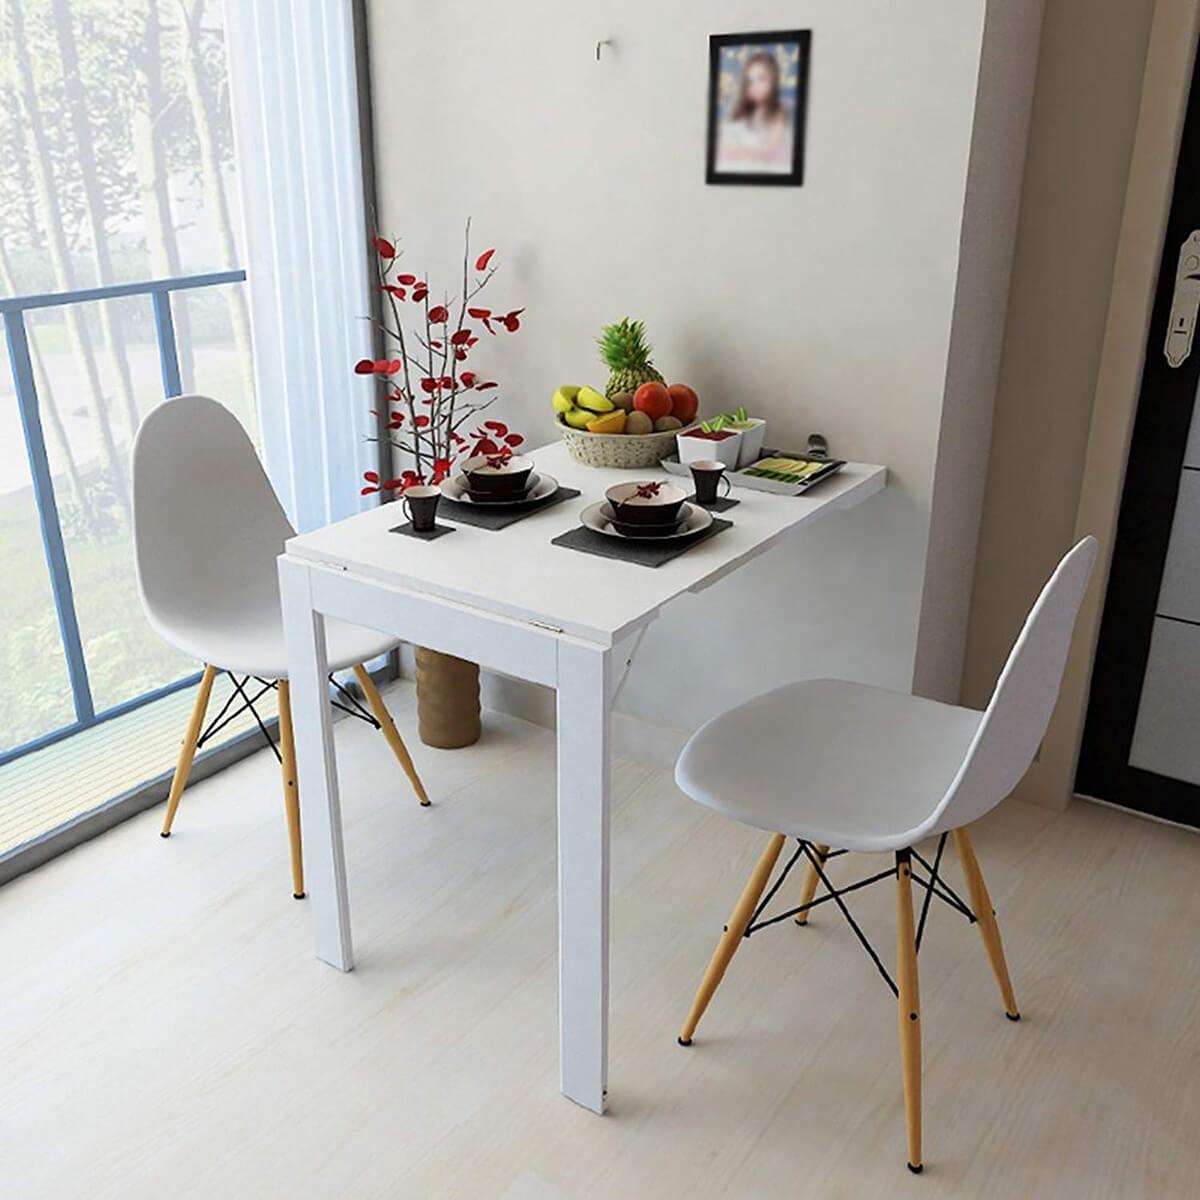 Настенный стол фото 15